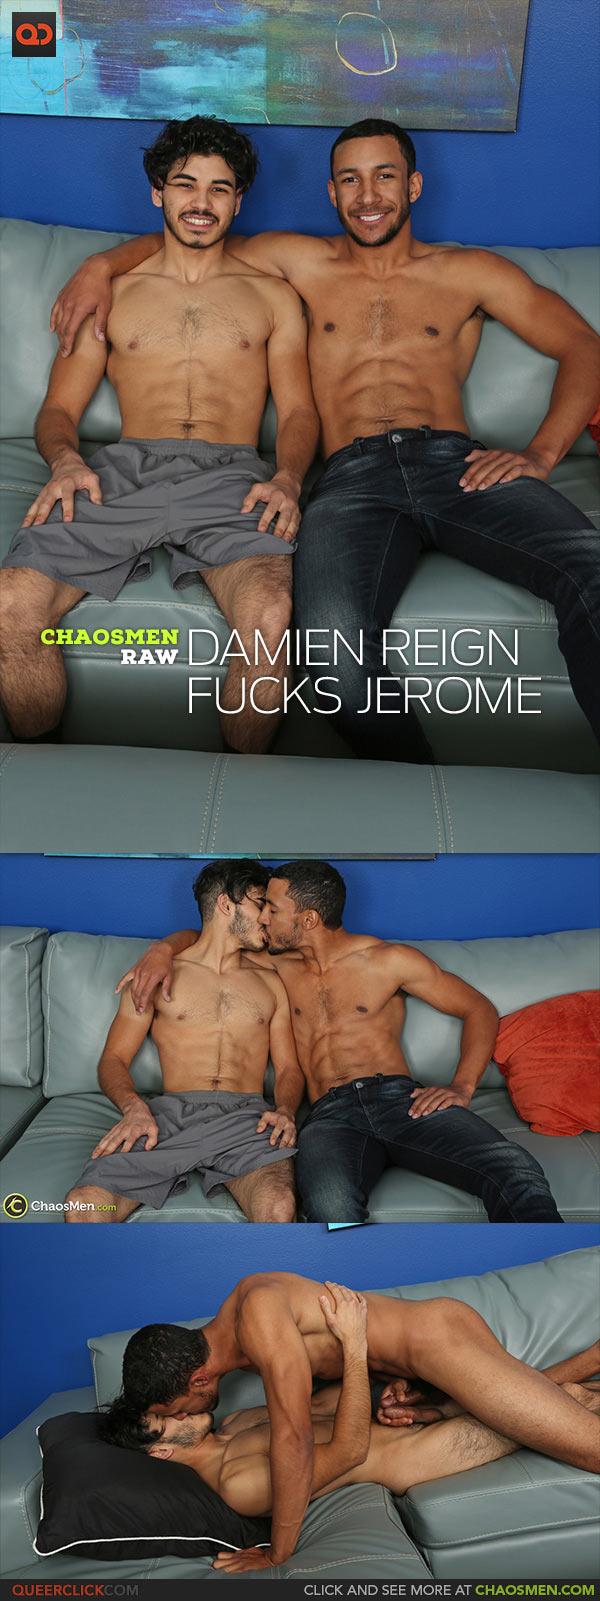 ChaosMen: Damien Reign Fucks Jerome - Bareback